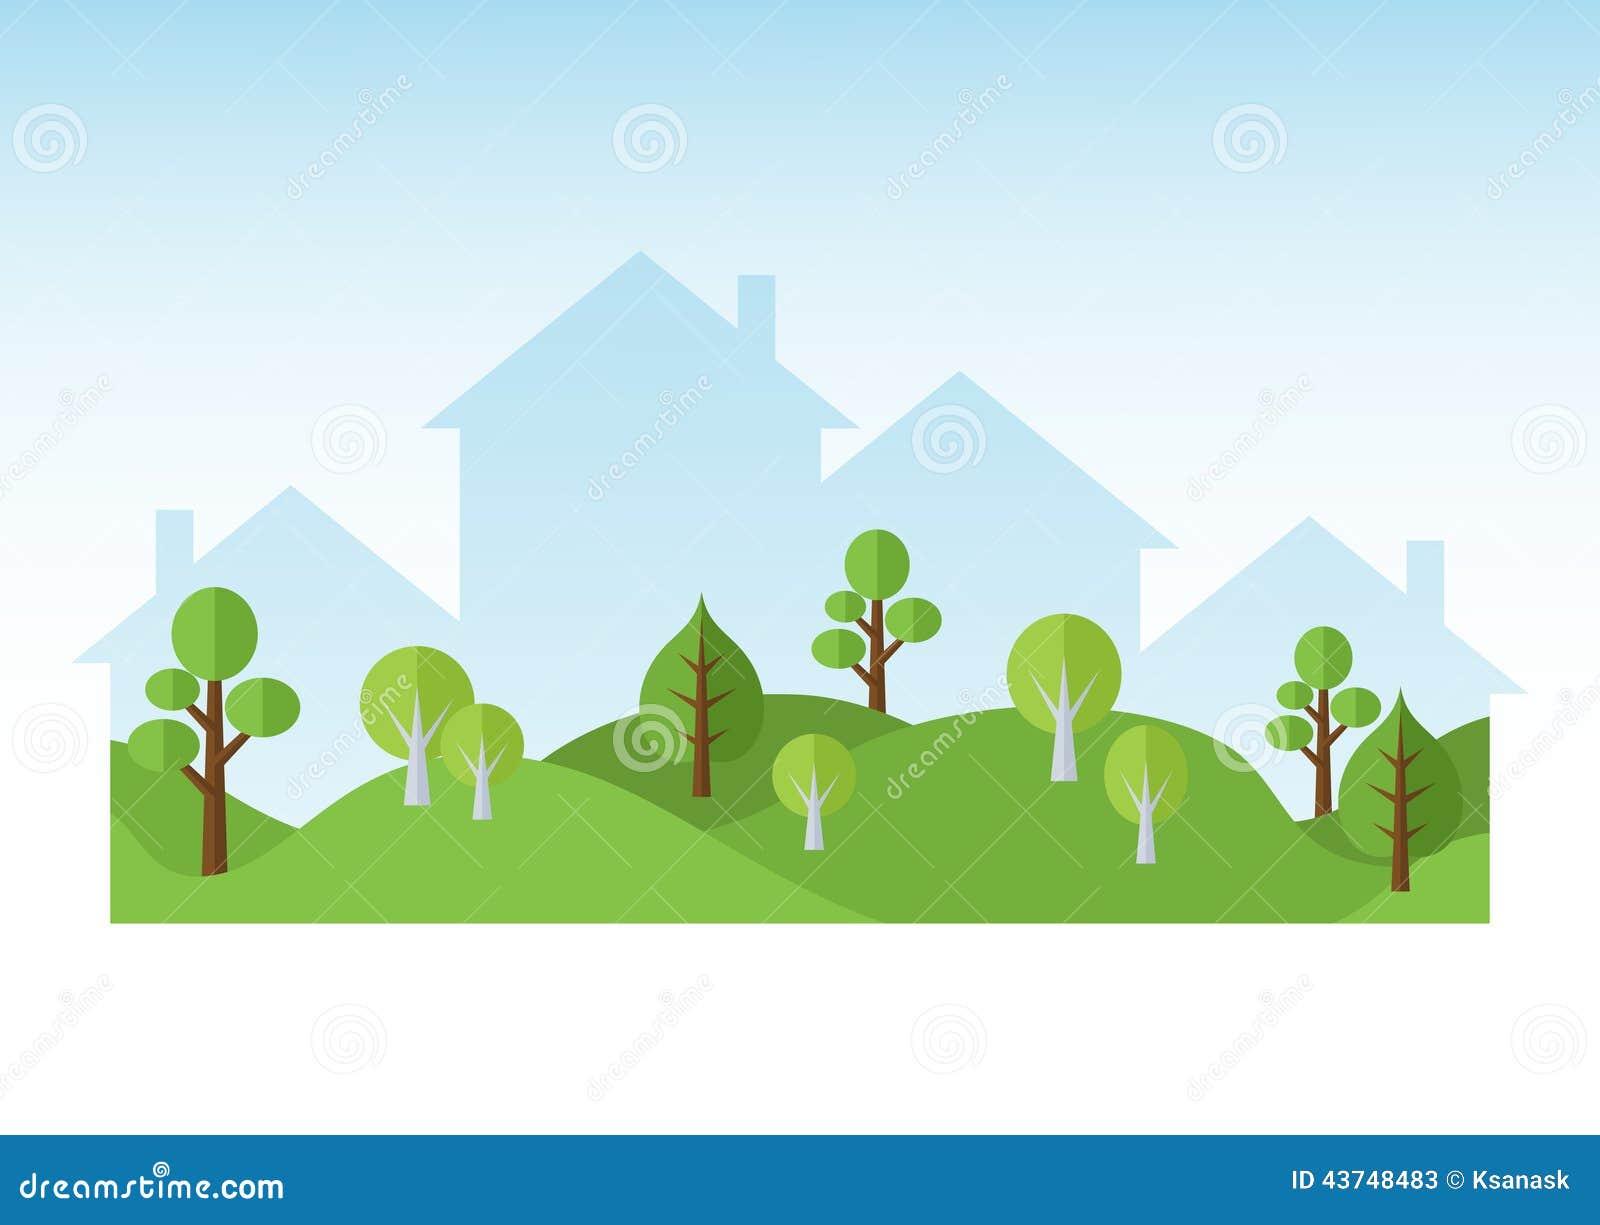 Rboles y siluetas verdes de las casas ilustraci n del for Landscape design paper